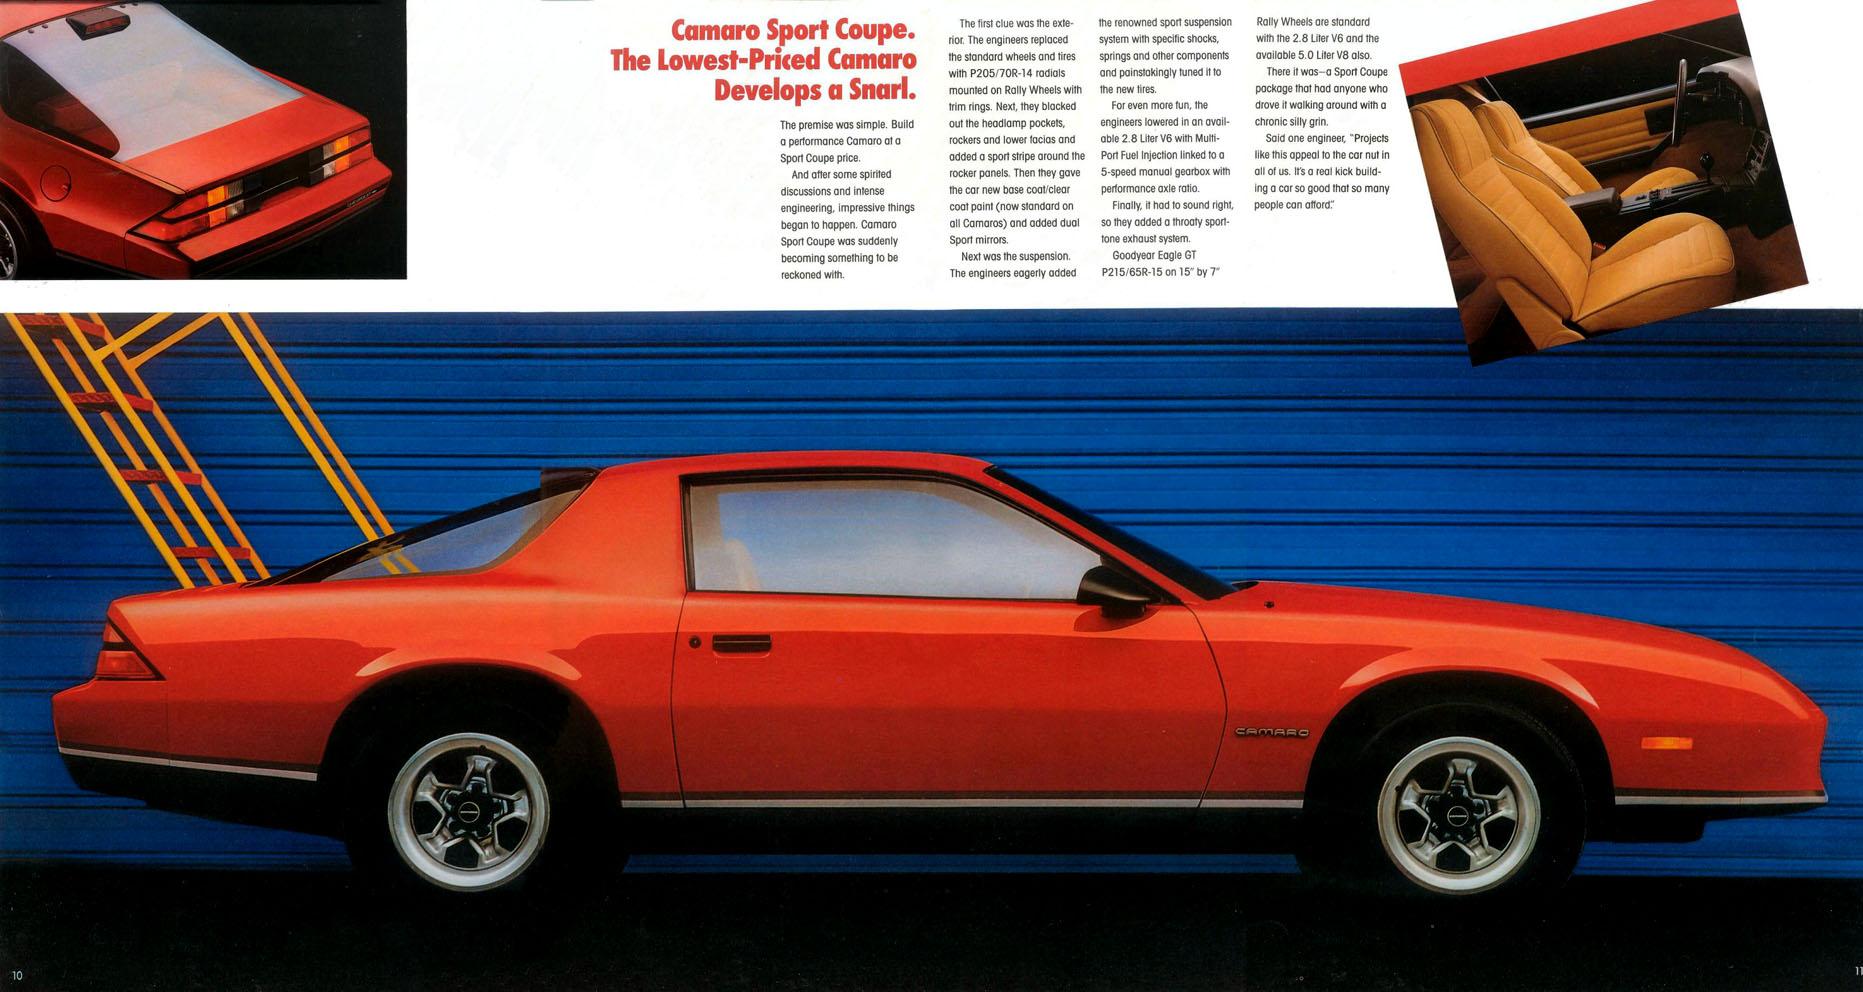 1986 Camaro OEM Brochure (6)